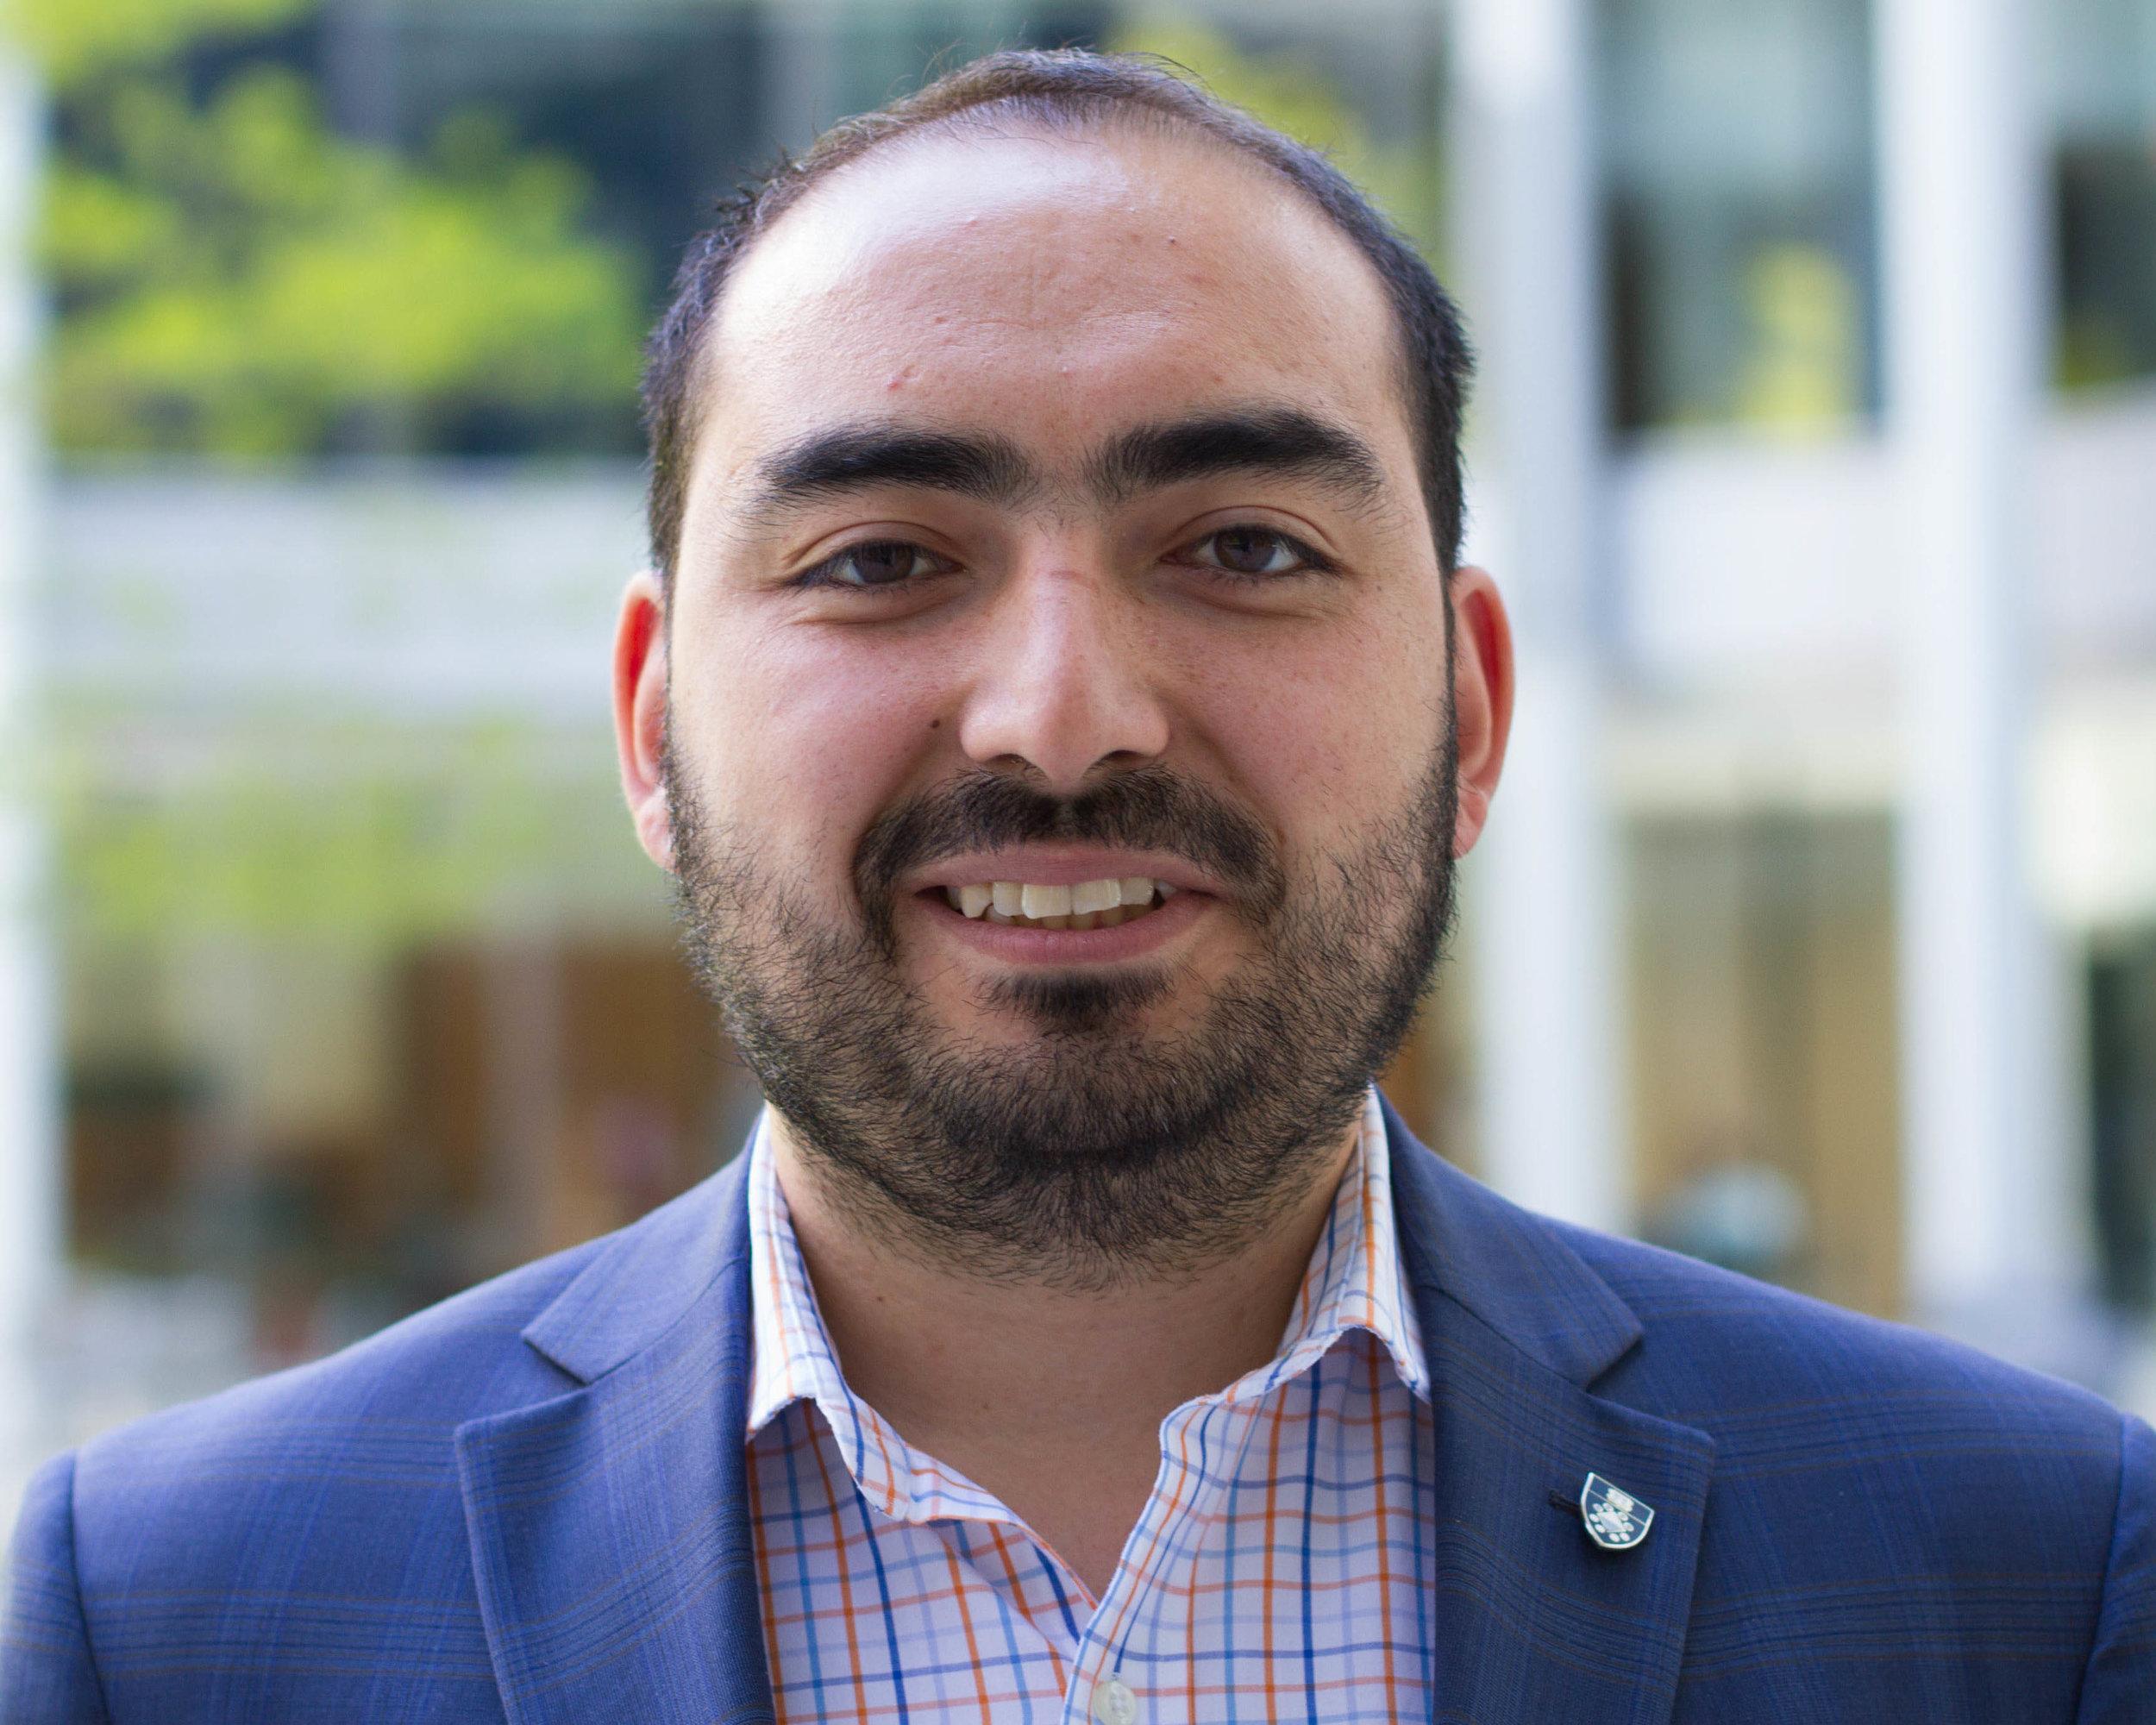 Mauricio Barragan